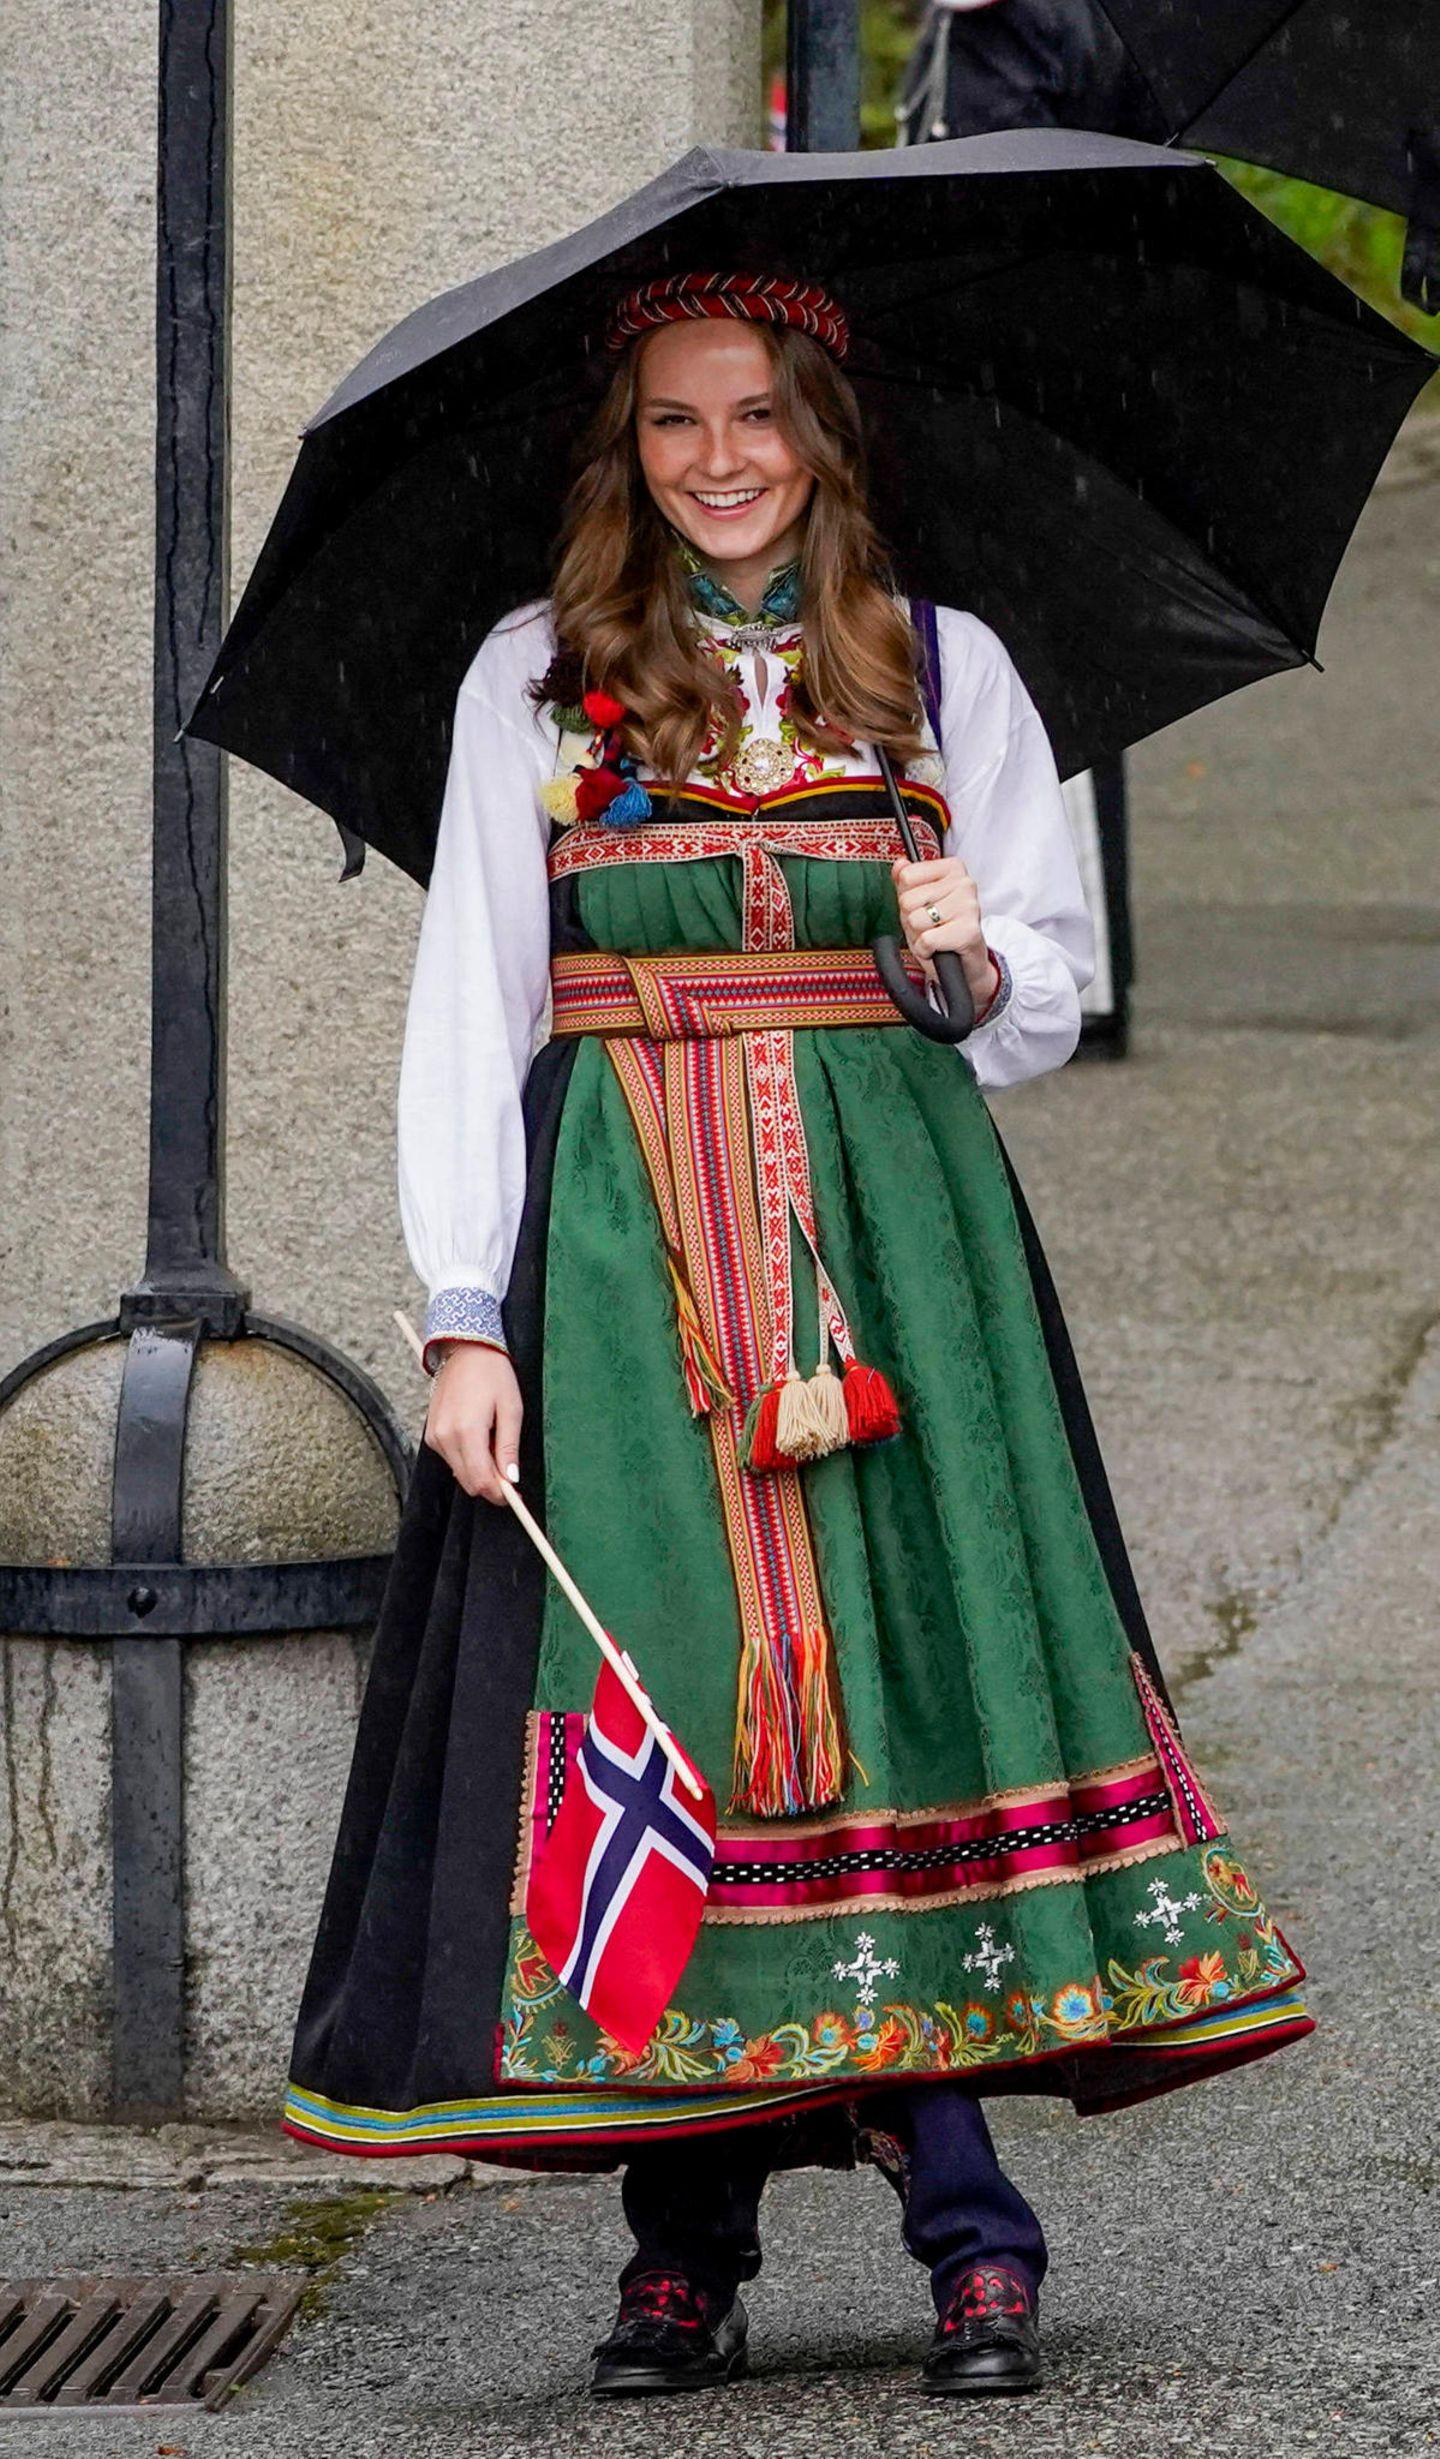 """Am 17. Mai feiert Norwegen seinen Nationalfeiertag, wobei die Feier in diesem Jahr aufgrund der Pandemie kleiner ausfällt. Doch die Outfits der norwegischen Königsfamilie sind mindestens so opulent wie die Jahre zuvor. Besonders hübsch anzusehen ist das Kleid der 17-jährigen Royal.Die Robe trägt den Namen """"Bunad"""" und ist ein Geschenk von ihren Großeltern Königin Sonja und König Harald. Das traditionelle Kleidungsstück stammt aus Aust-Telemark und erinnert an die Trachten, die schon um das Jahr 1810 von den norwegischen Frauen getragen wurden."""